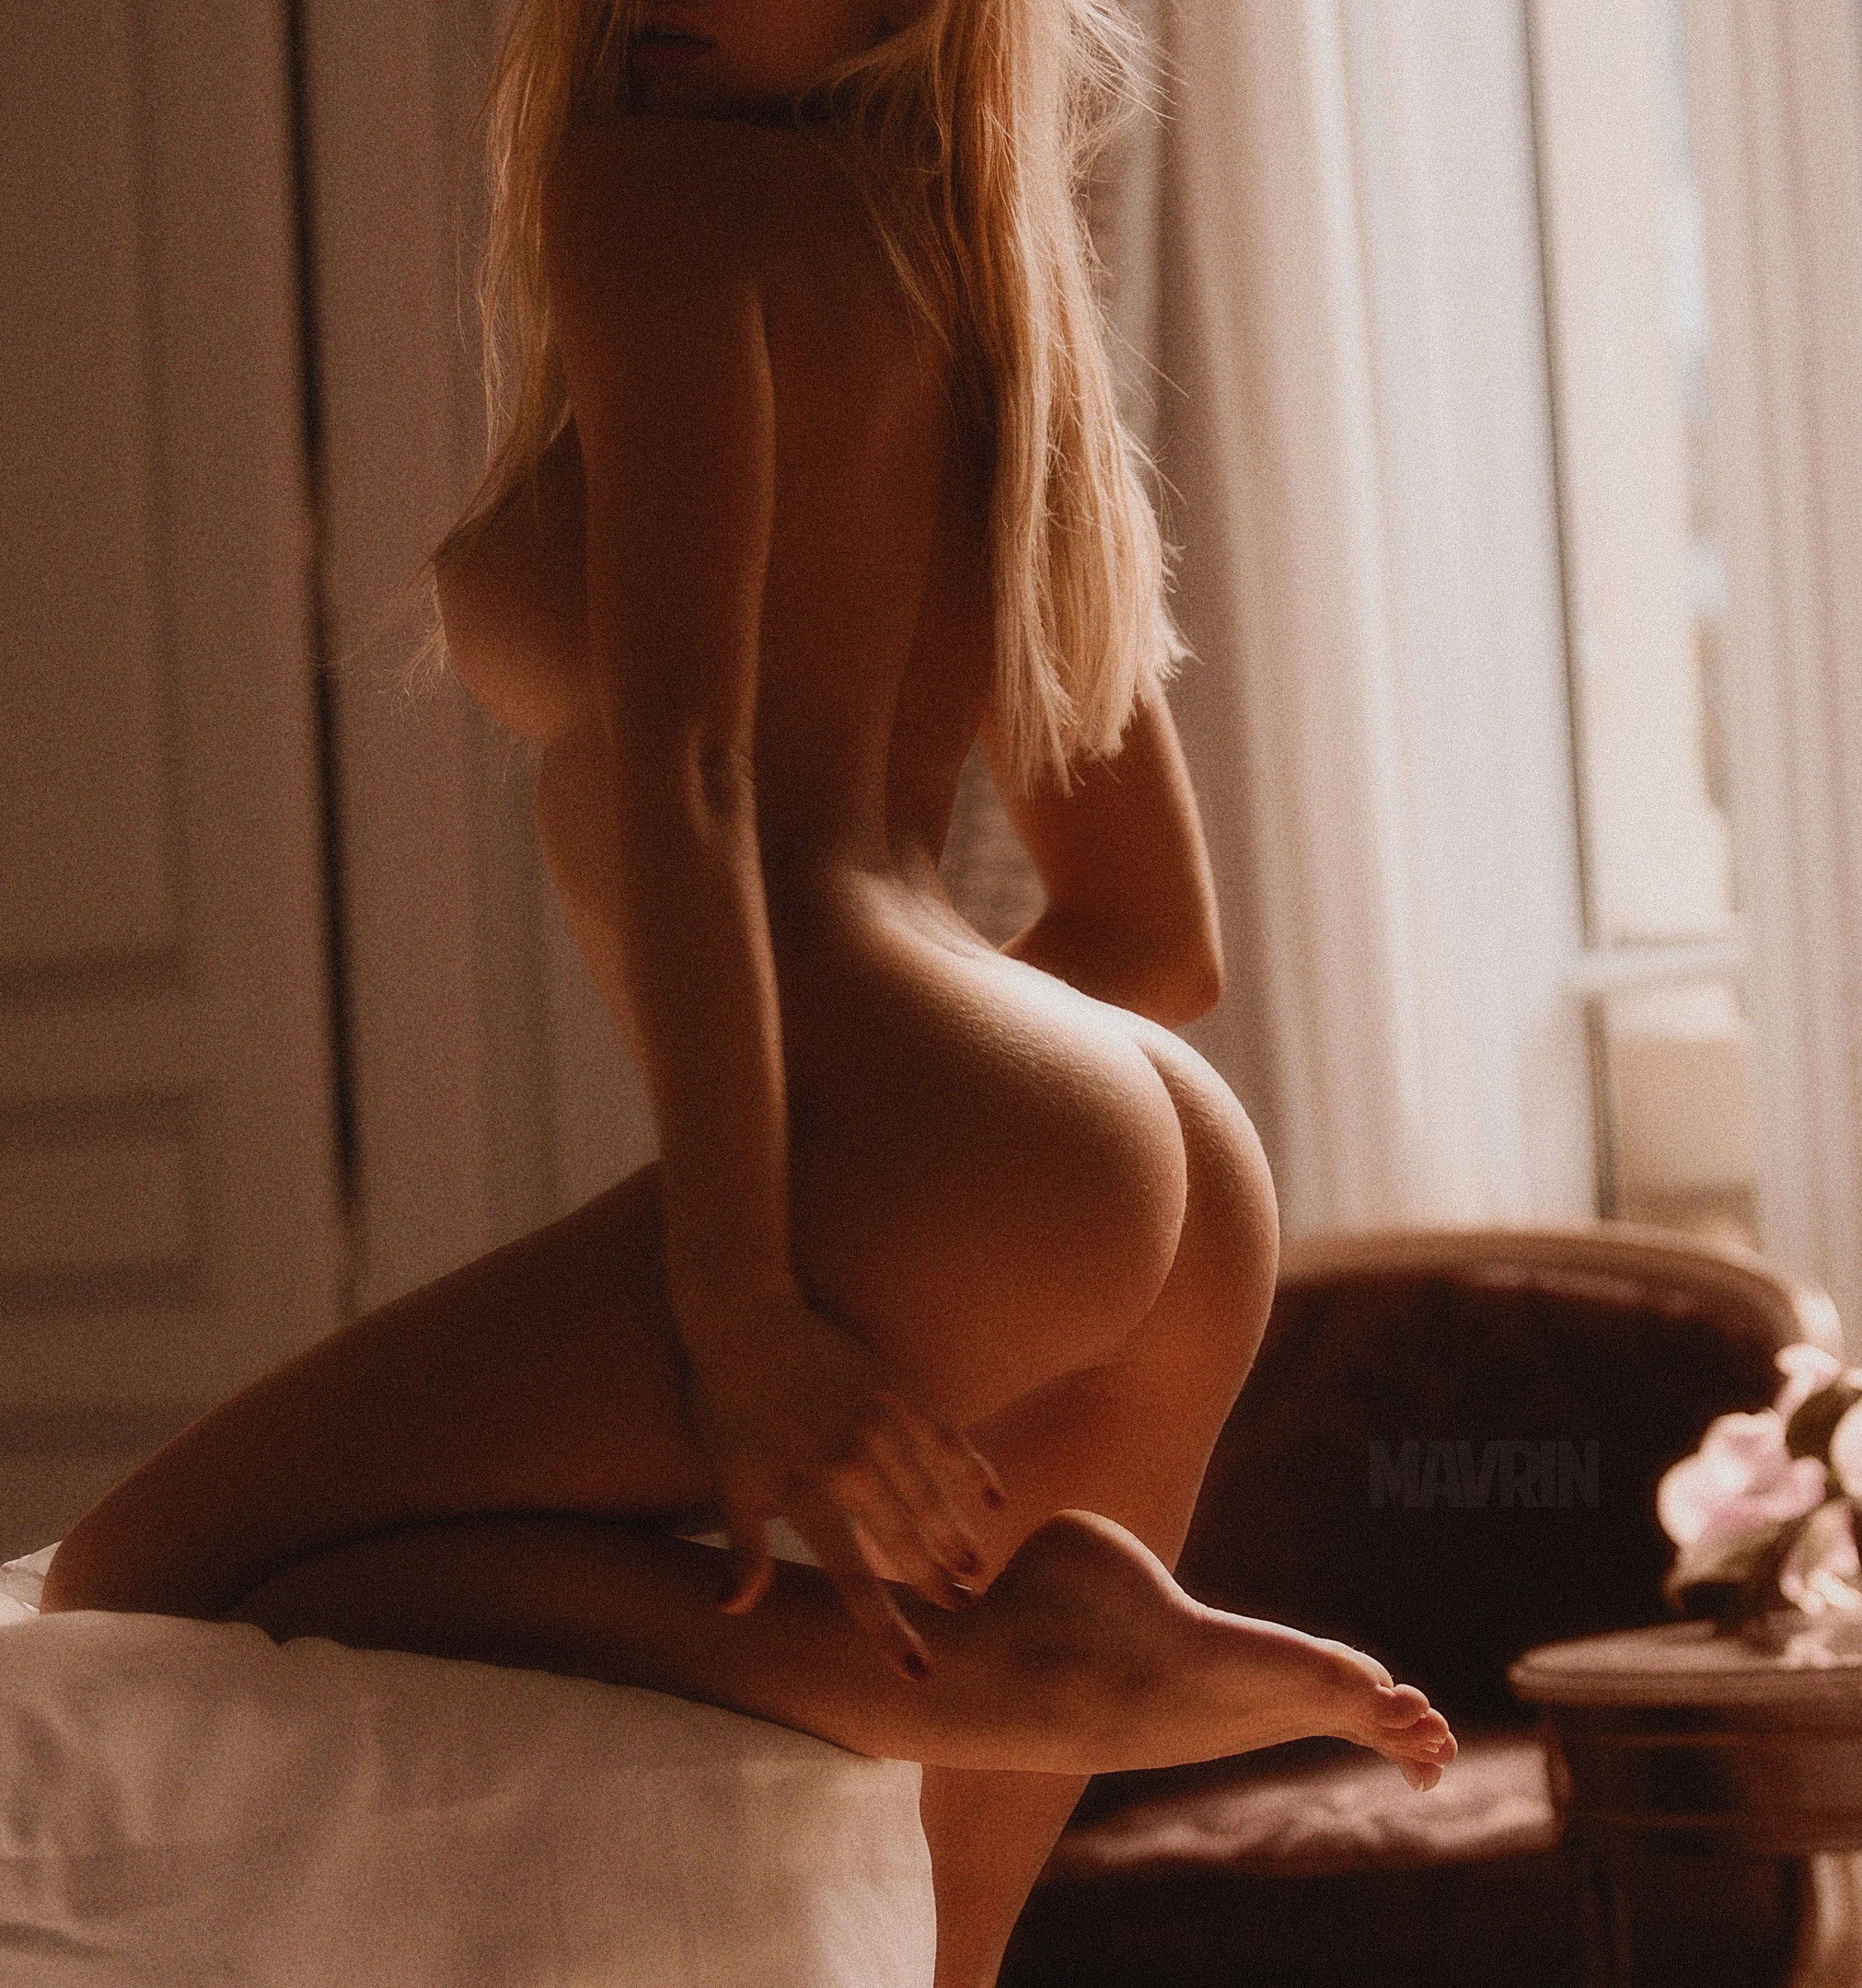 Nata Lee nuda - Immagini e i Video - ImperiodeFamosas